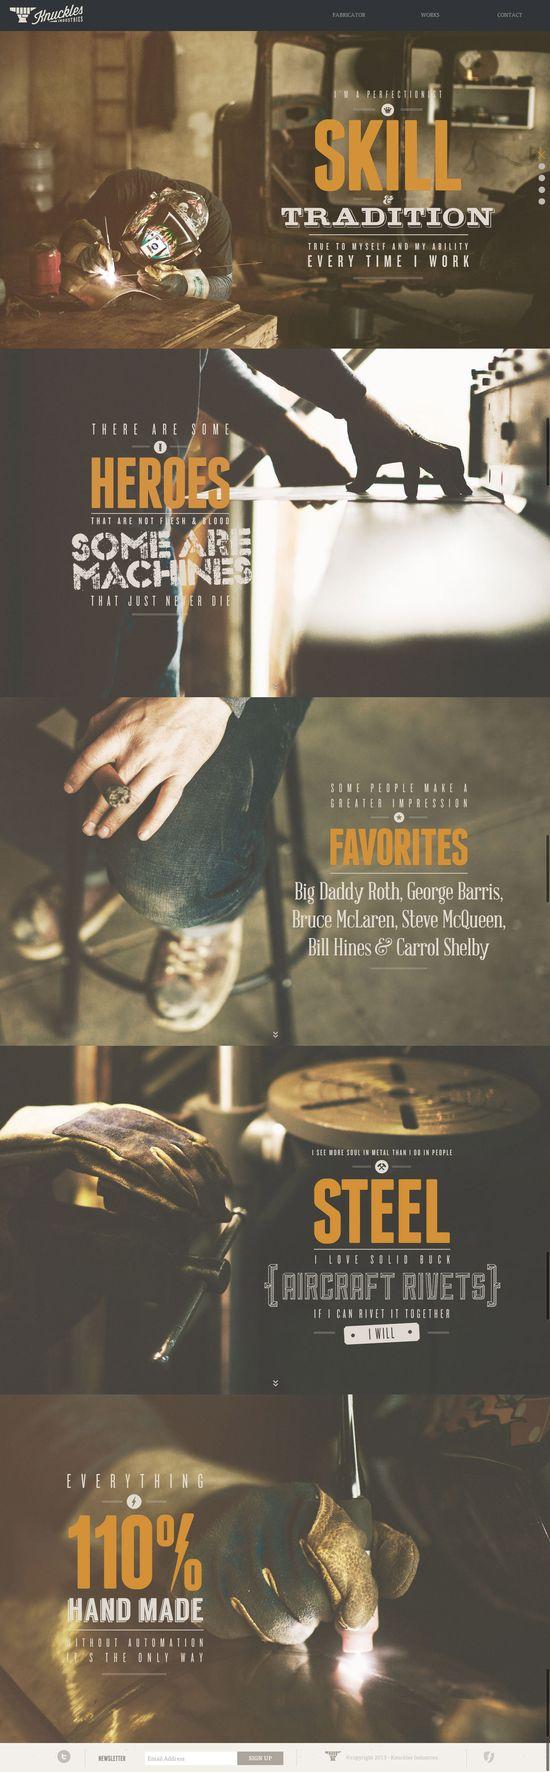 Knuckles Industries